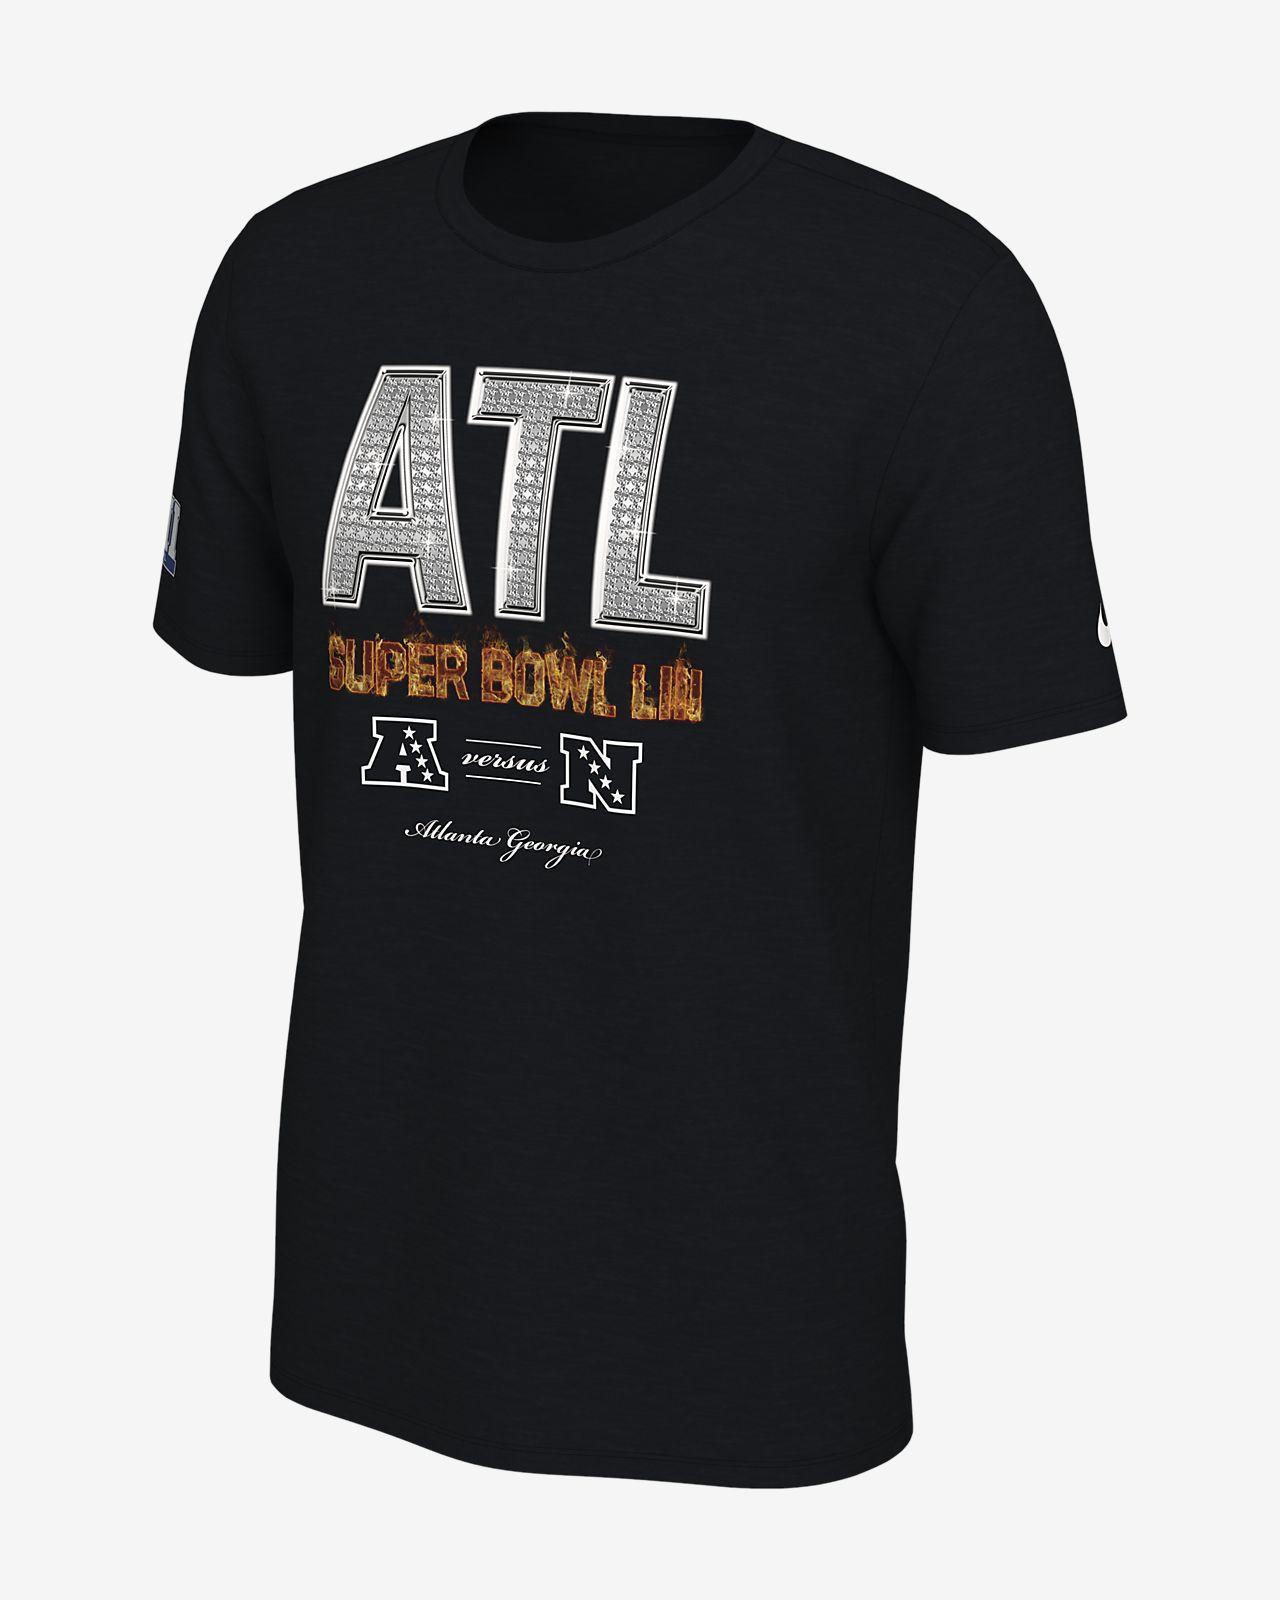 Nike Super Bowl LIII Bling Men's T-Shirt